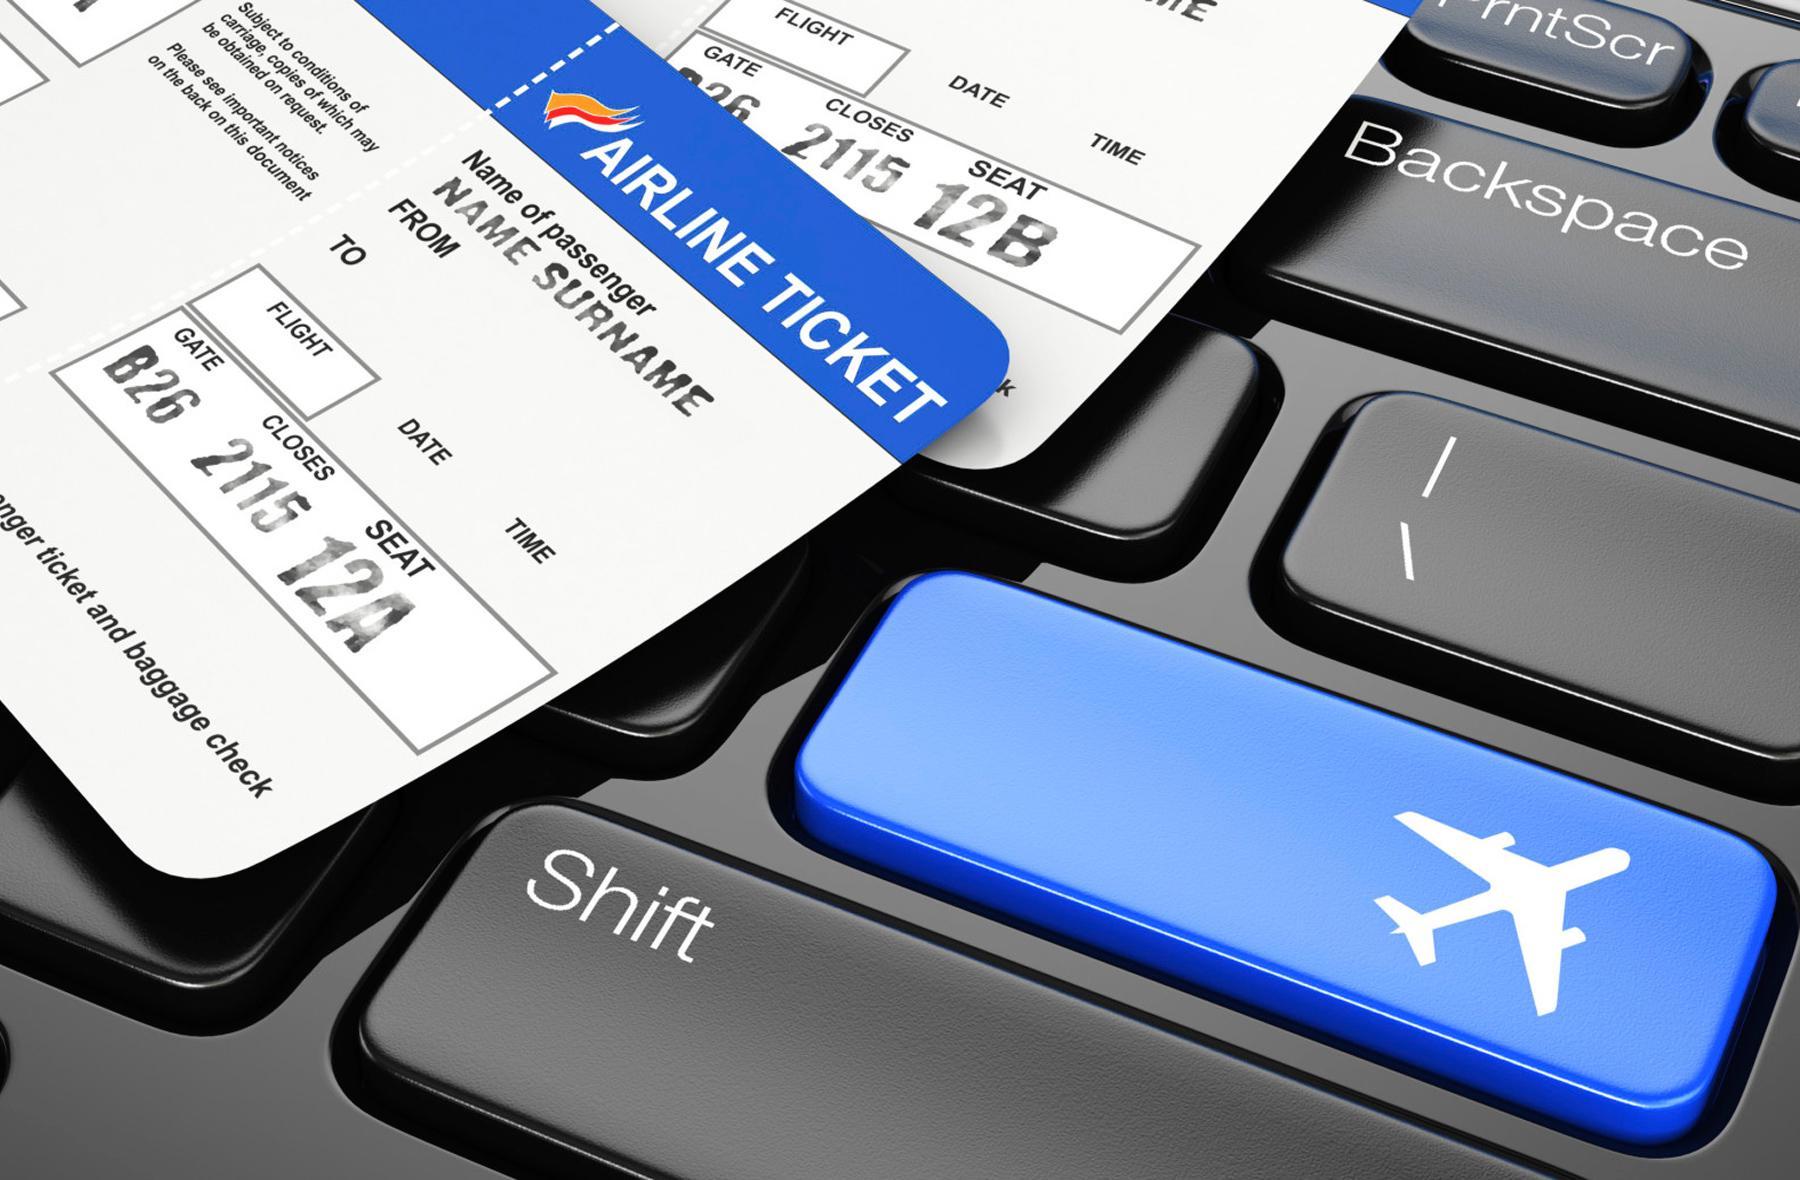 Авиакомпании предупредили о возможном росте цен на авиабилеты